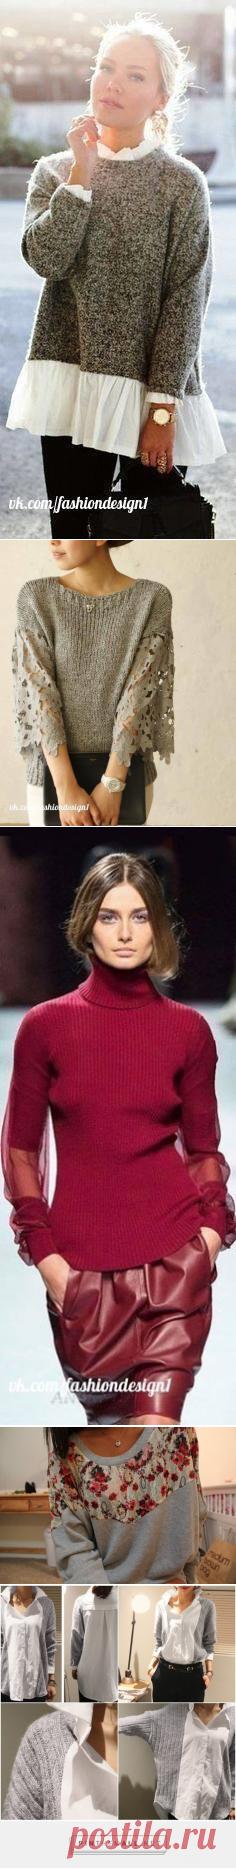 Портной • Шитье, переделки - легко!Вторая жизнь свитера. Идеи для вдохновения.